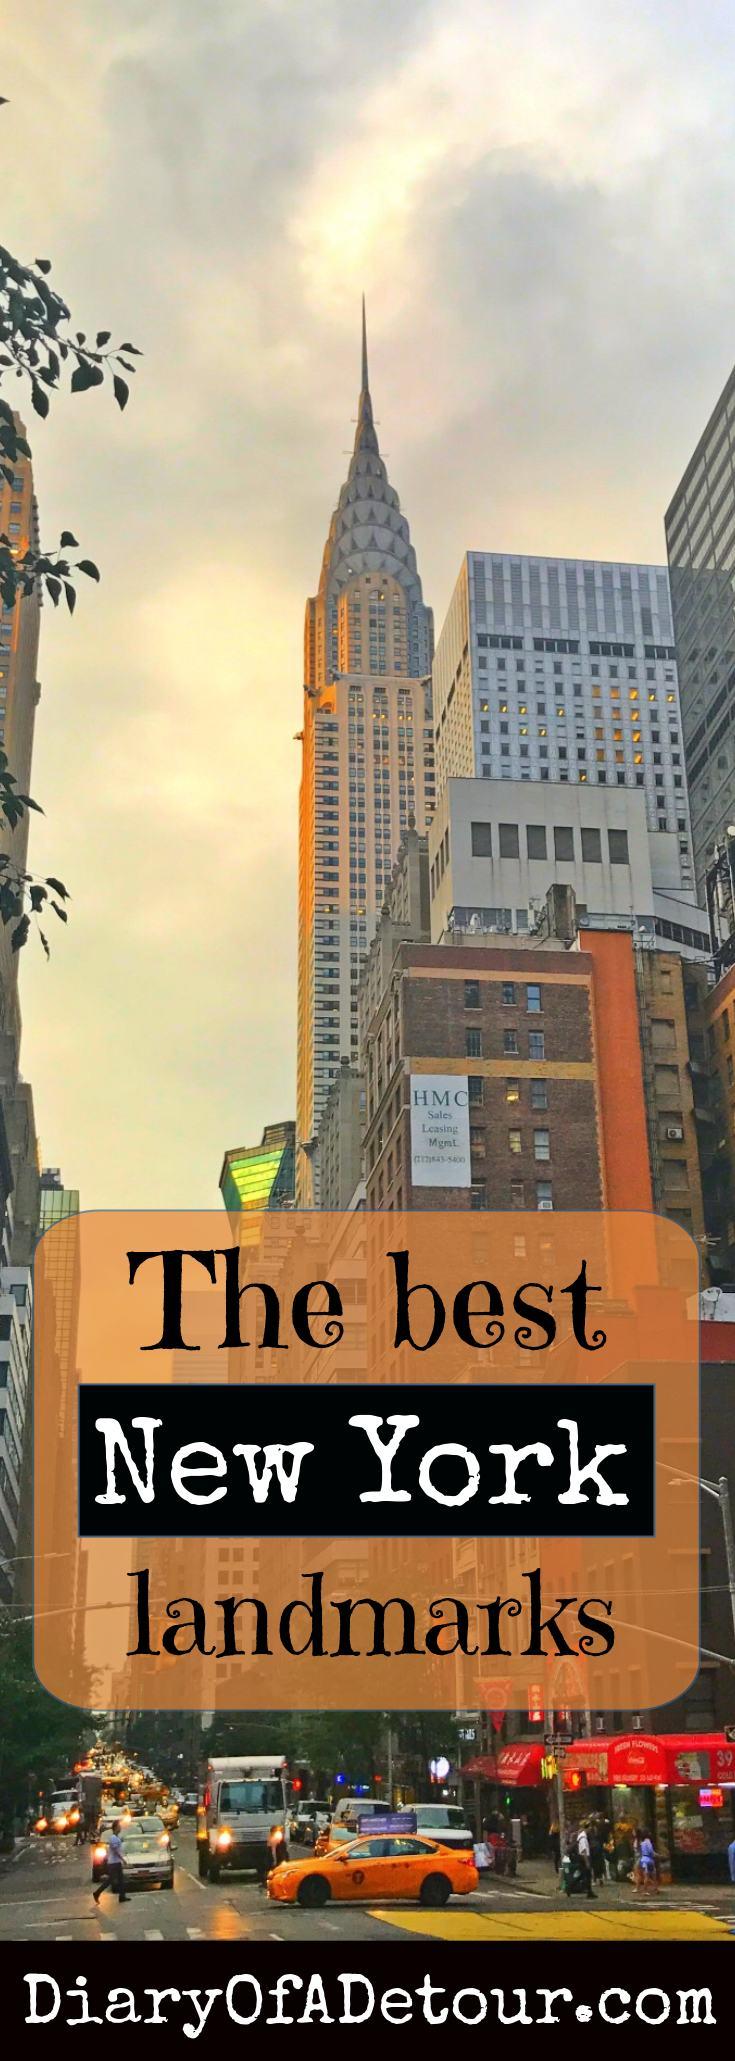 best new york landmarks image for pinning